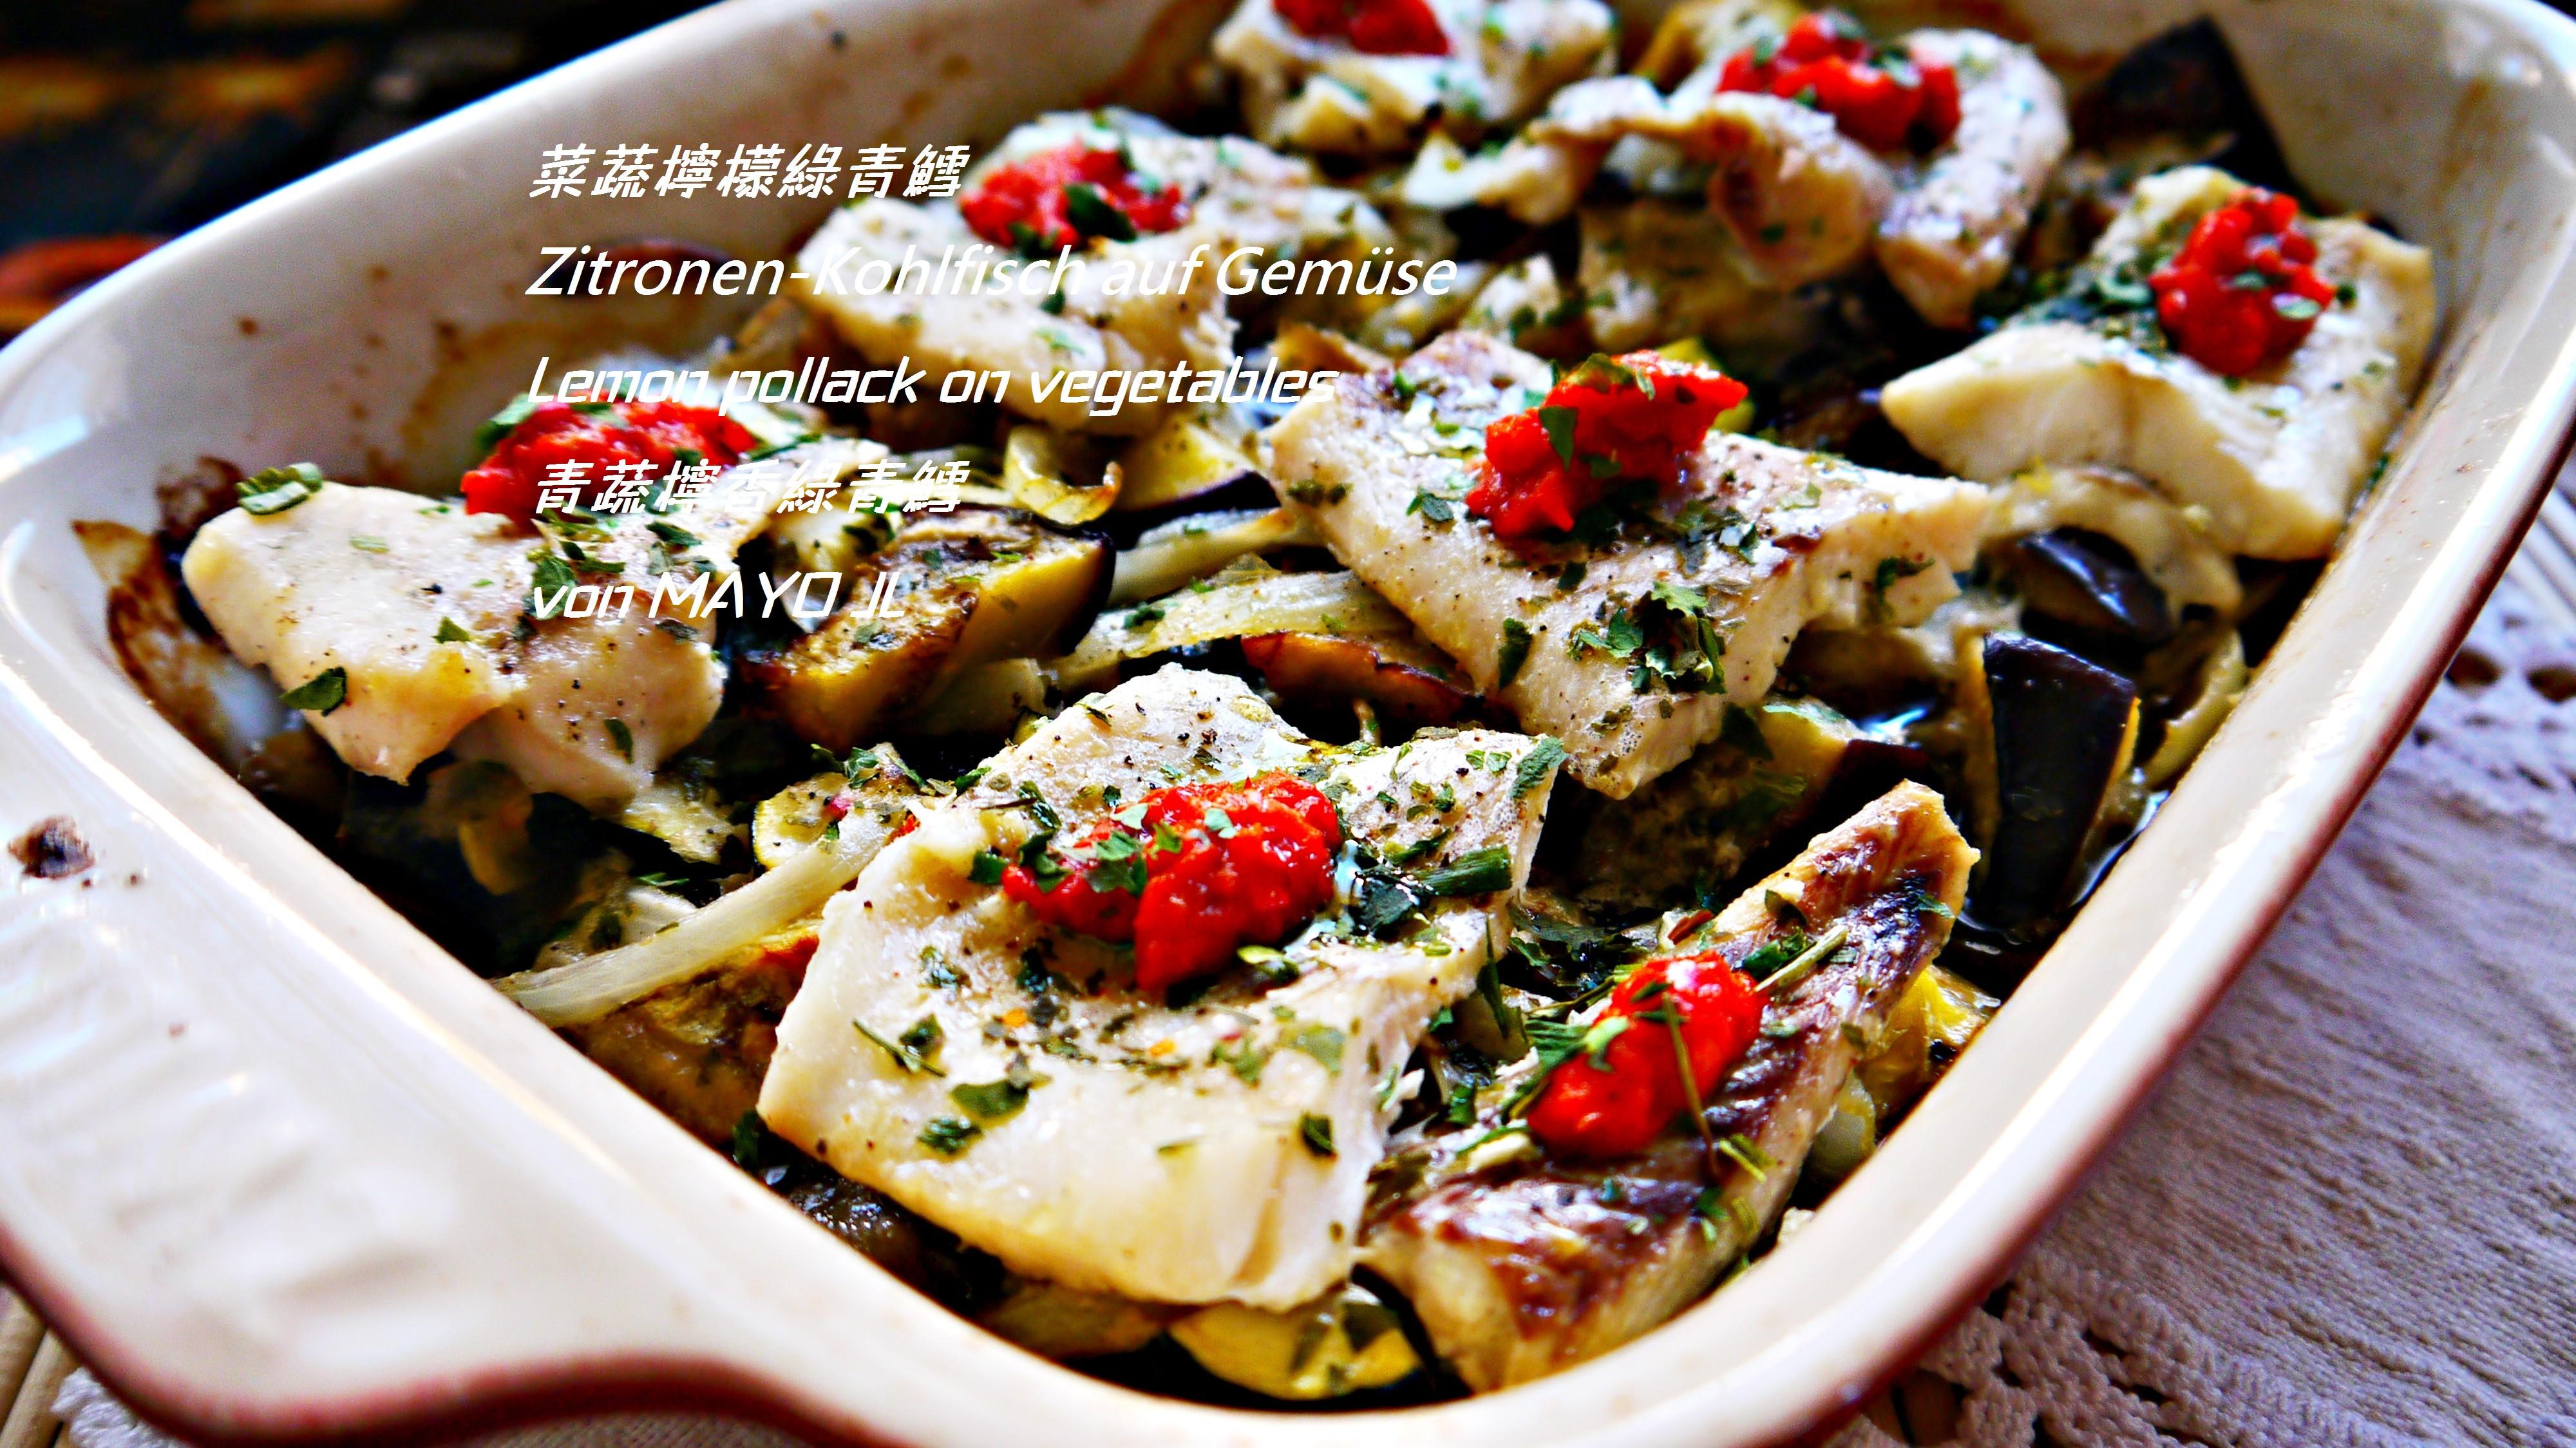 菜蔬檸檬綠青鱈